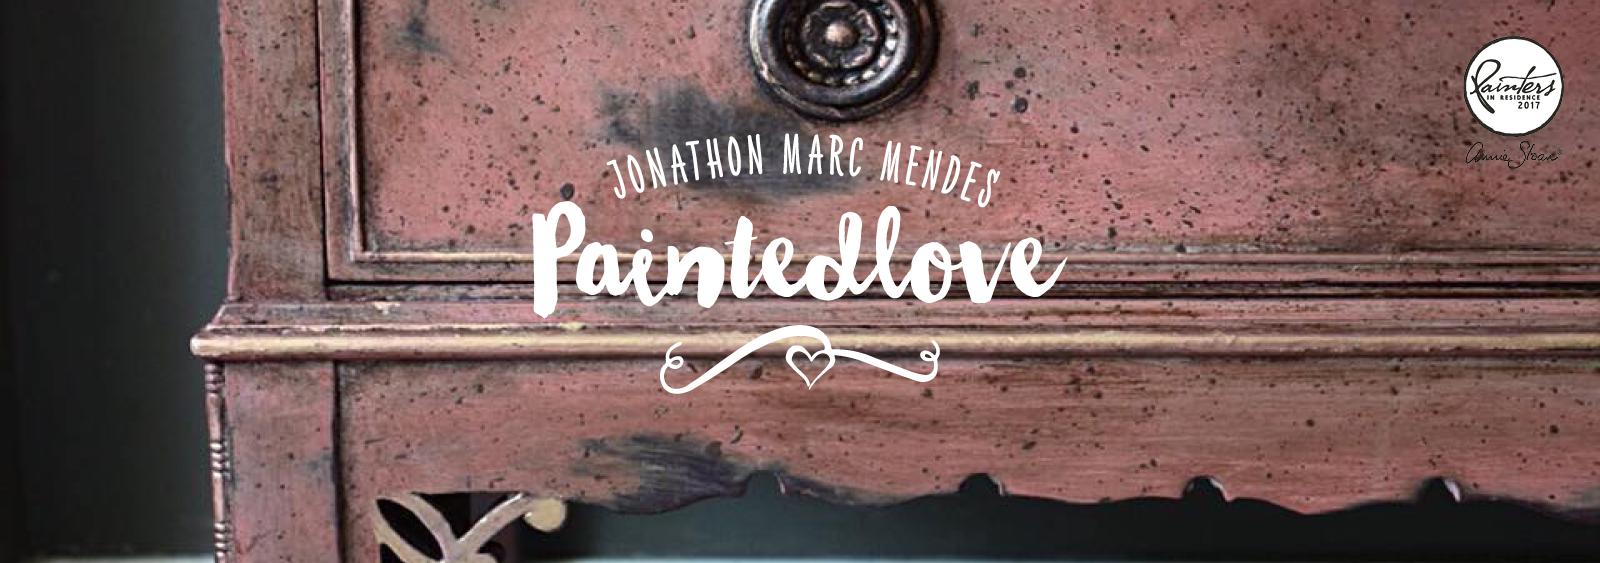 Jonathon Marc Mendes